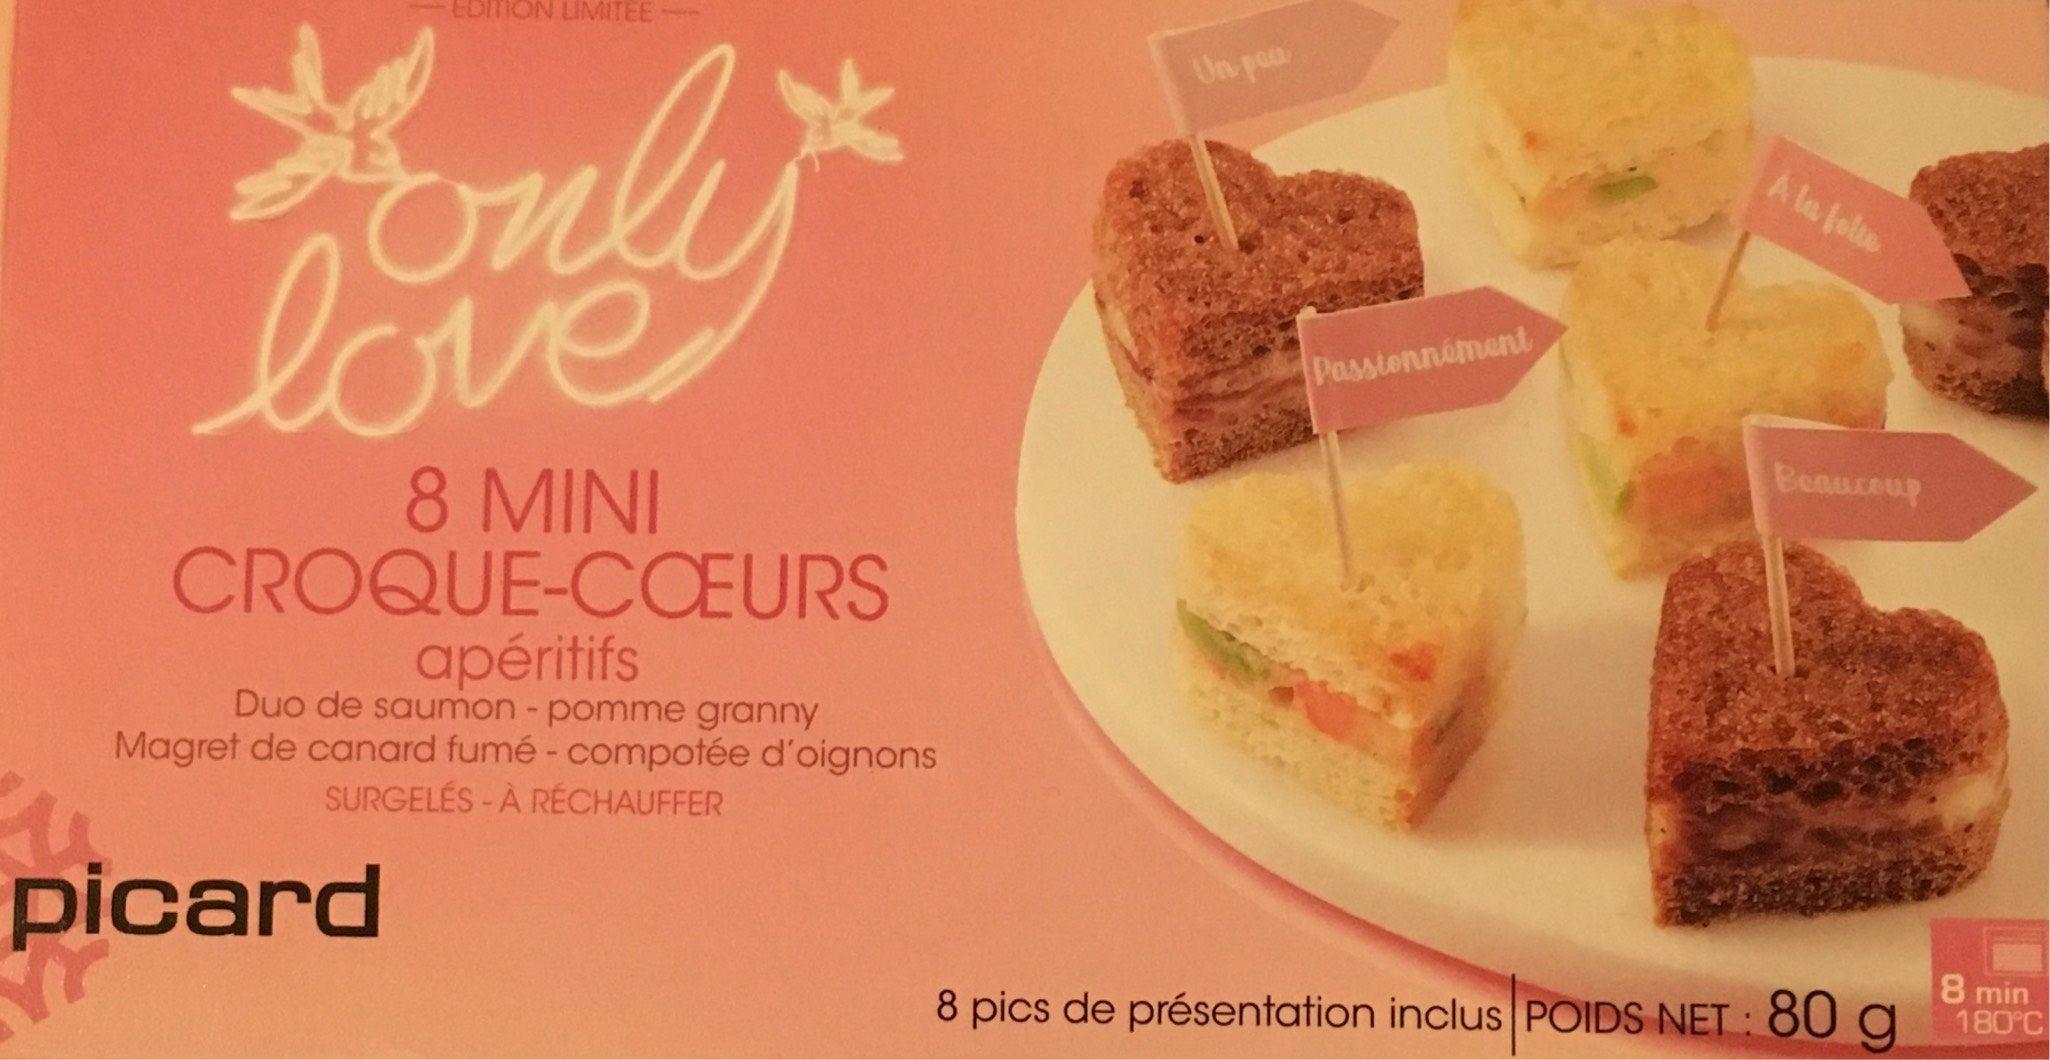 8 Mini Croque-cœurs Apéritifs - Produit - fr